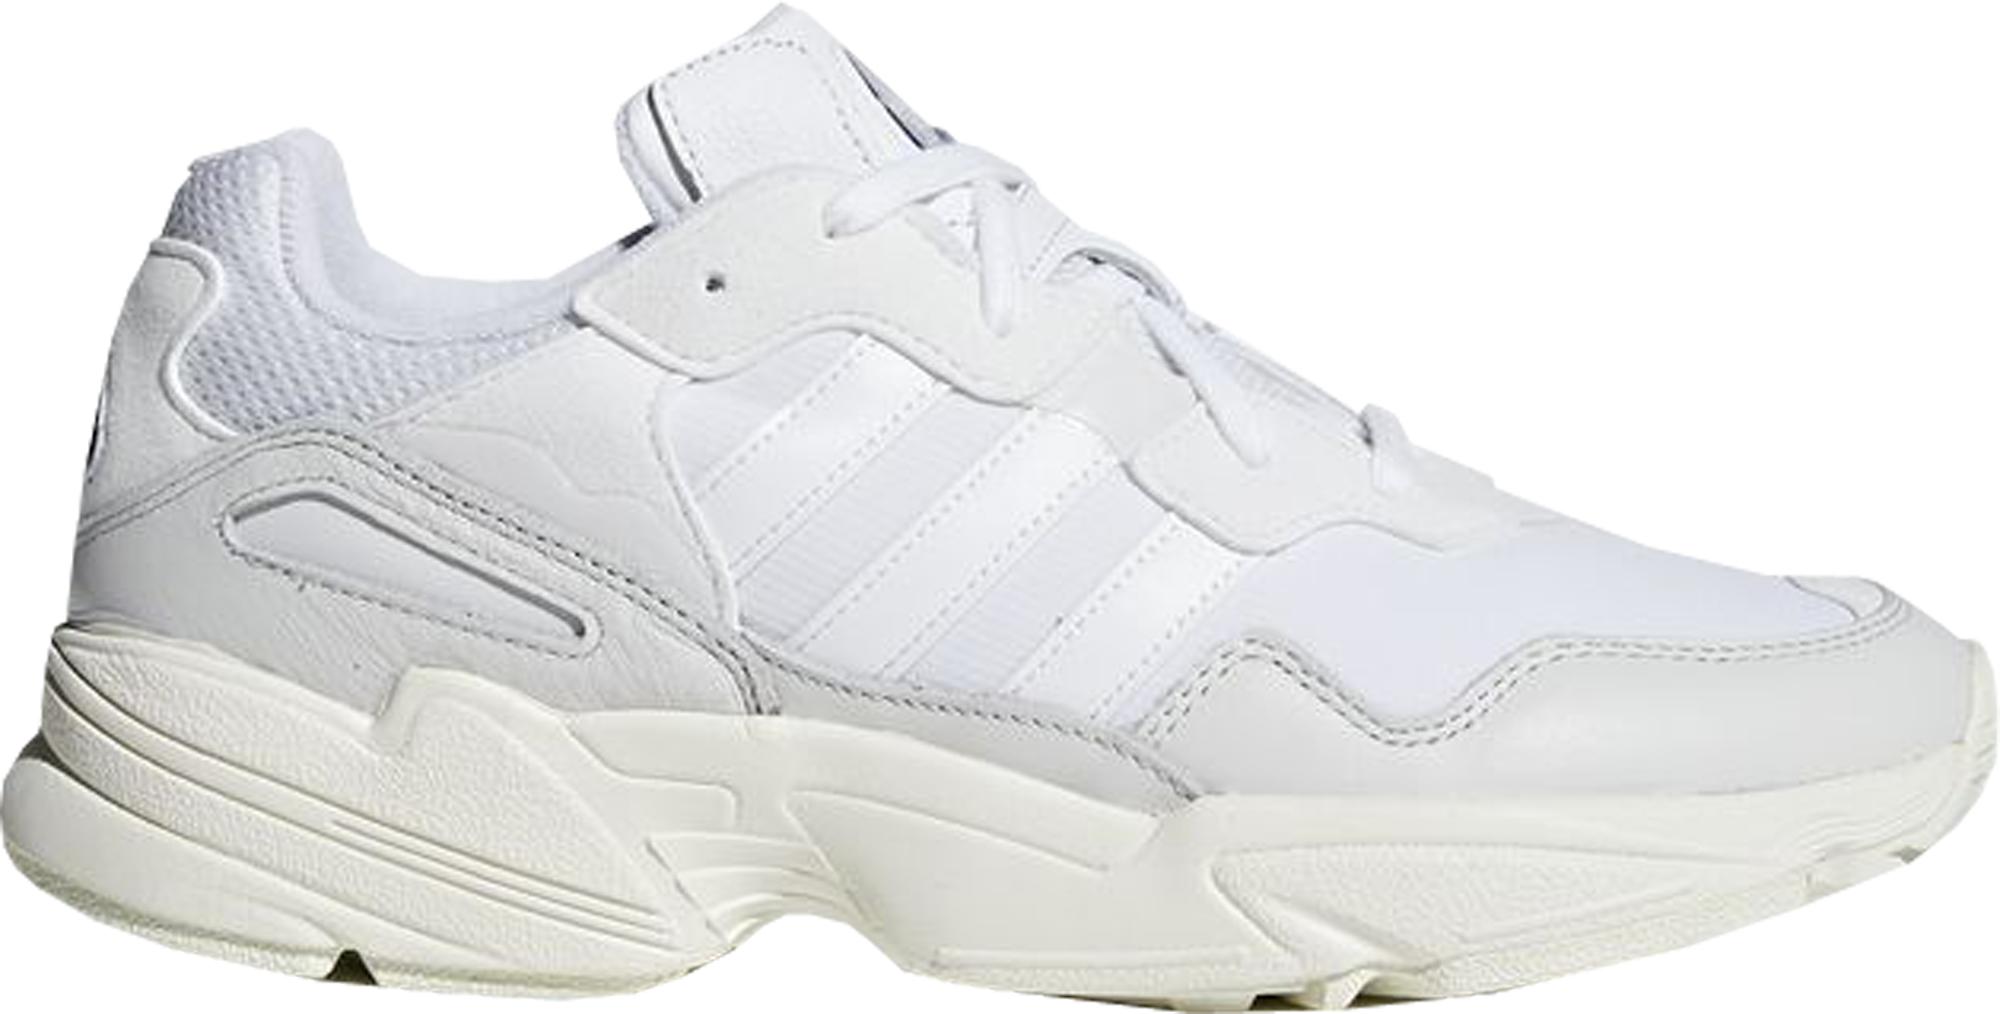 Adidas Yung 96 Triple Triple 96 Blanc F97176 46ee70 Hastaelrifle Com